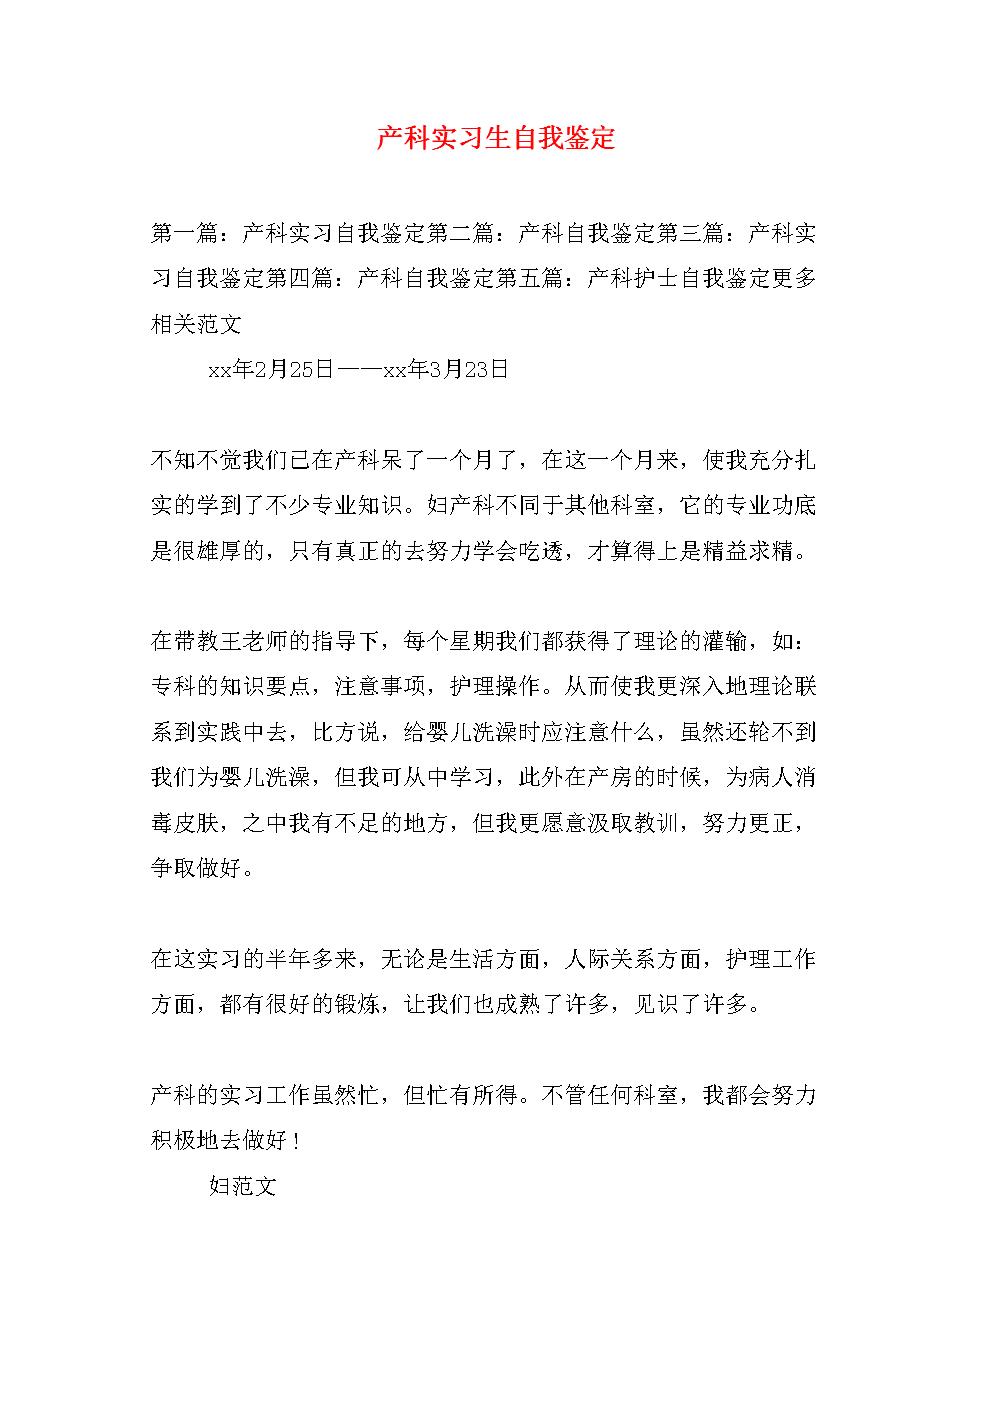 药剂科实自我鉴定_产科实习生自我鉴定.doc